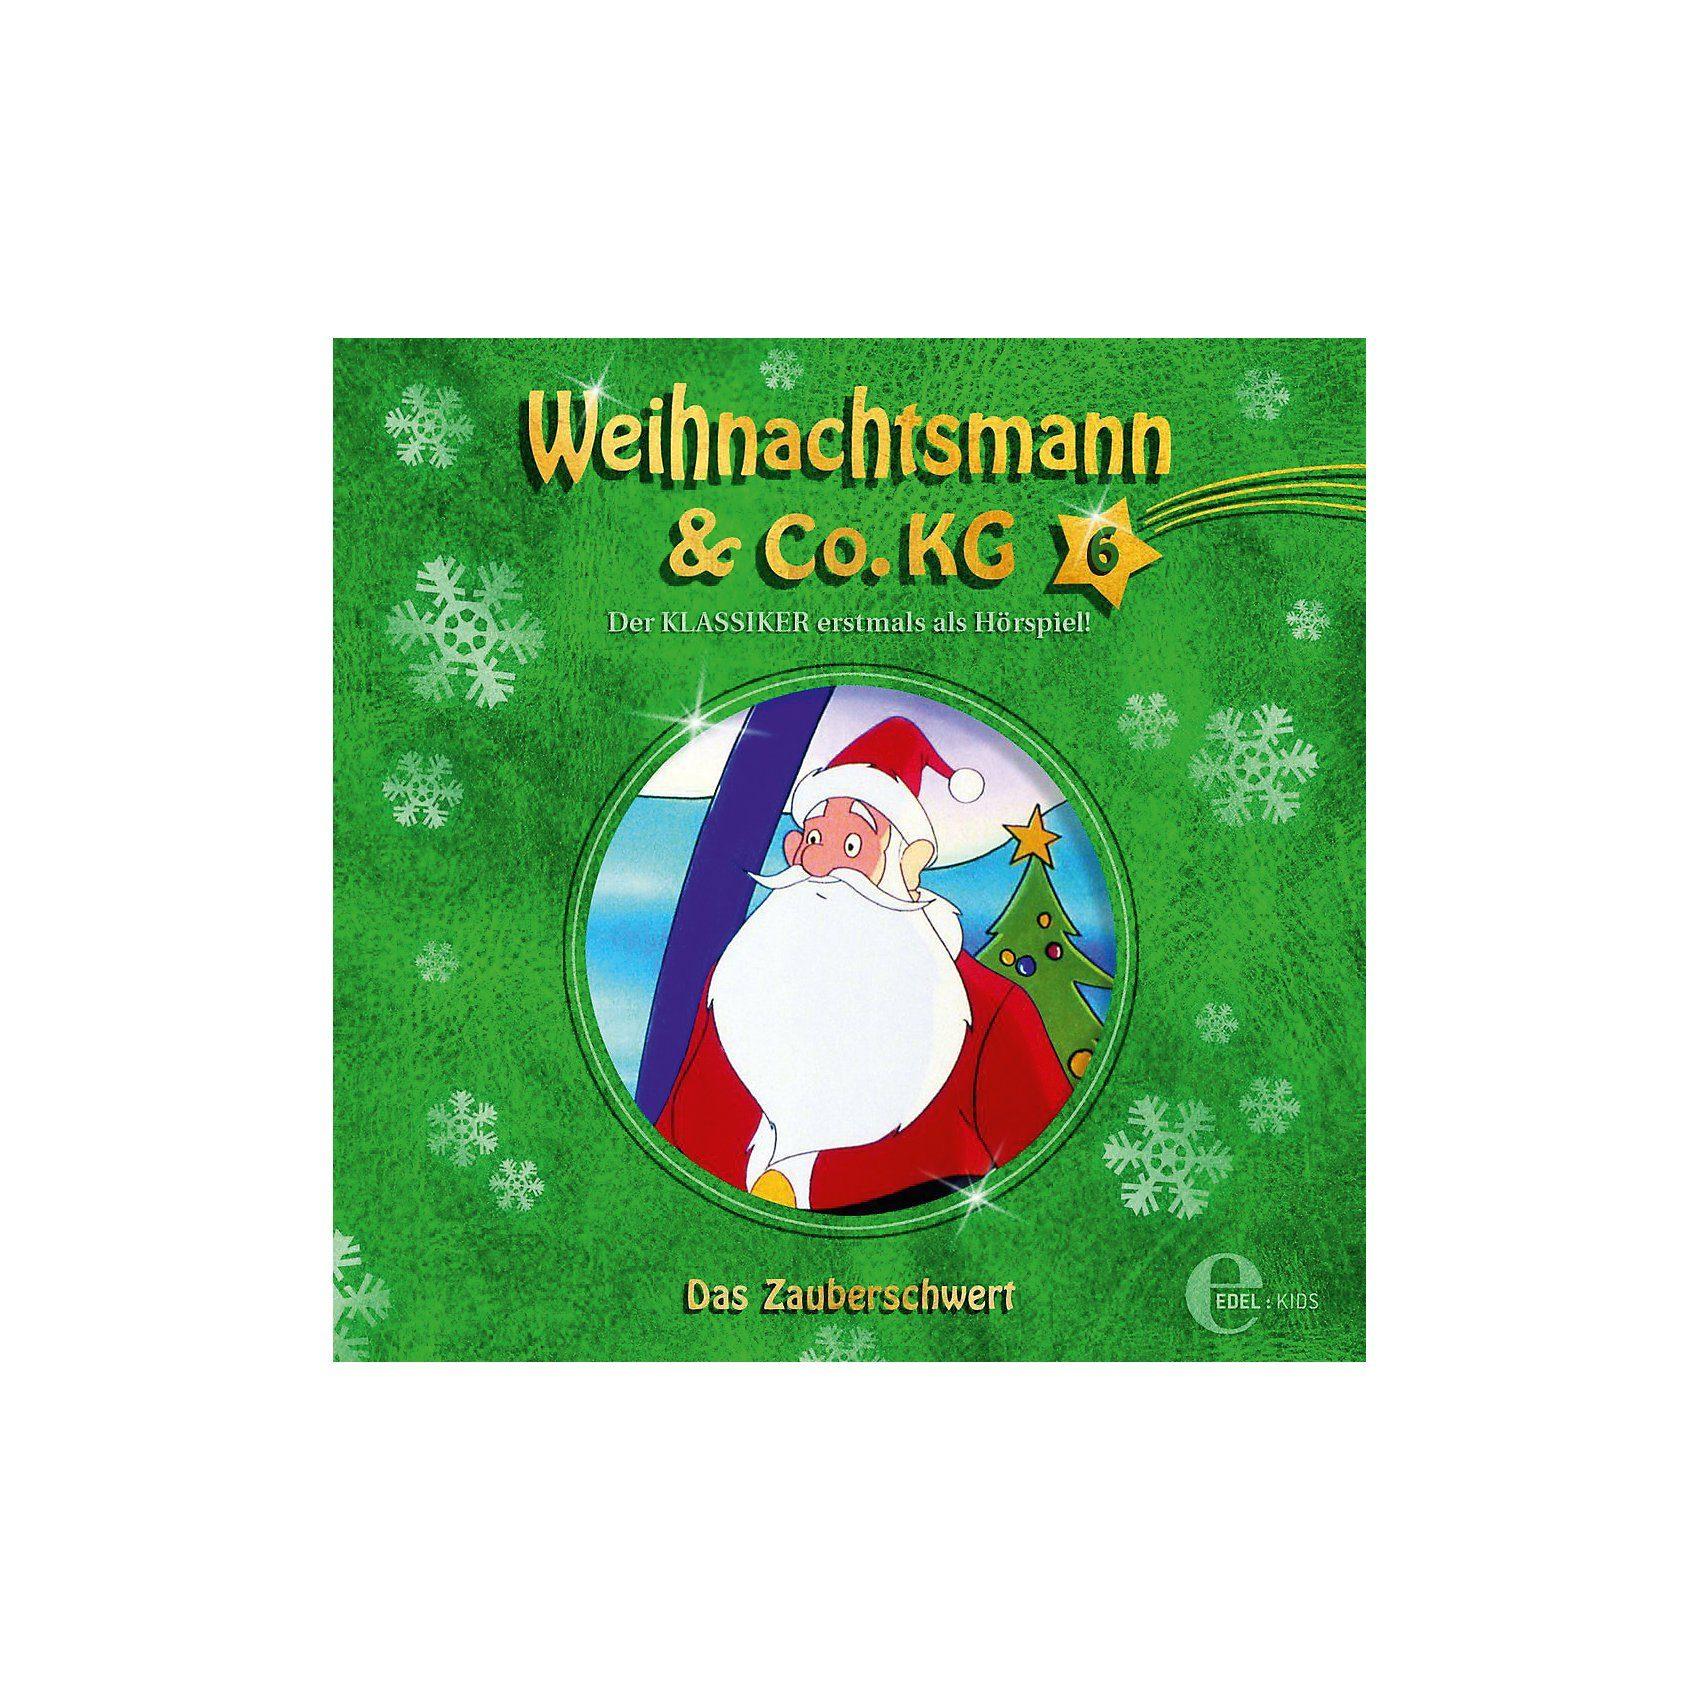 Edel CD Weihnachtsmann & Co.KG 6 - Das Zauberschwert